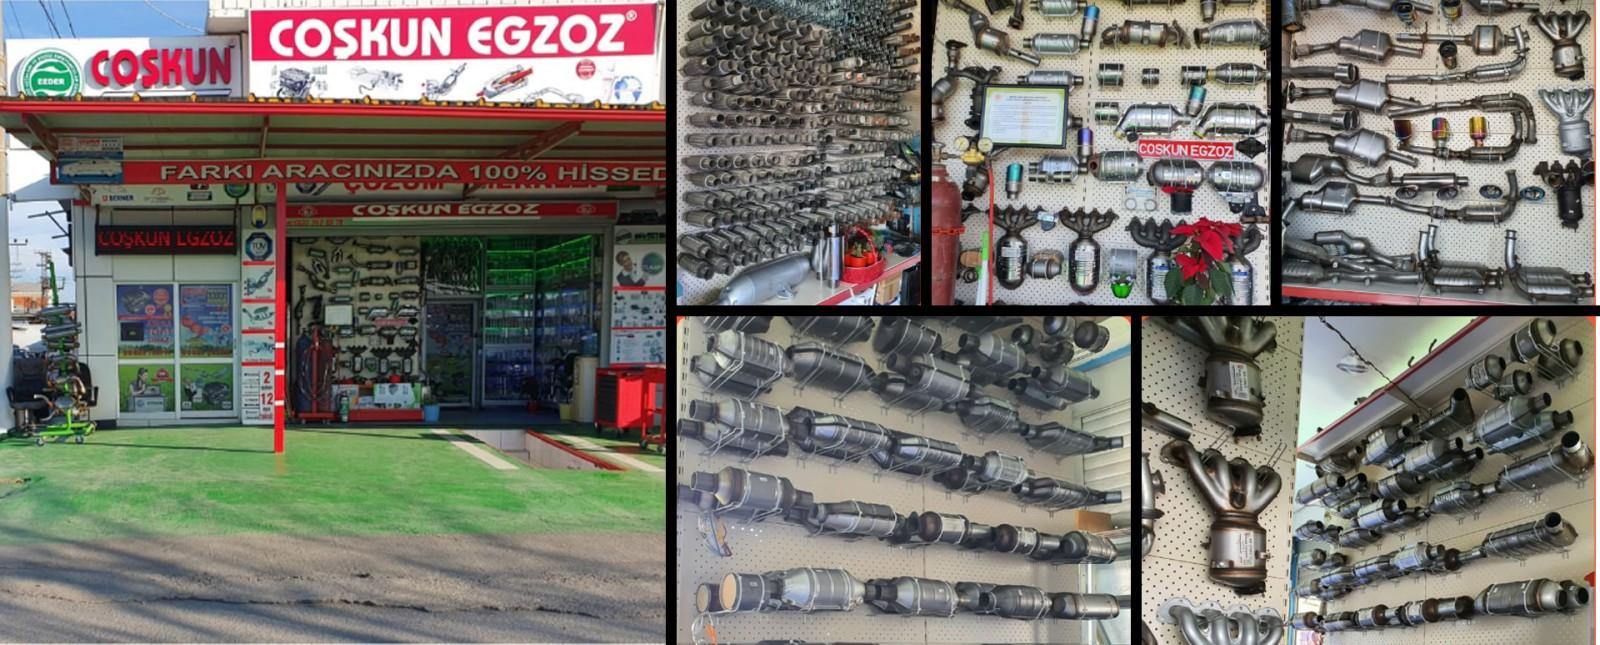 Coşkun Egzoz 1997 yılında Sakarya Dörtyol Sanayi Çarşısı Arifiye Yolu Üstü EGZOZ sistemleri alanında faaliyete başlamıştır.